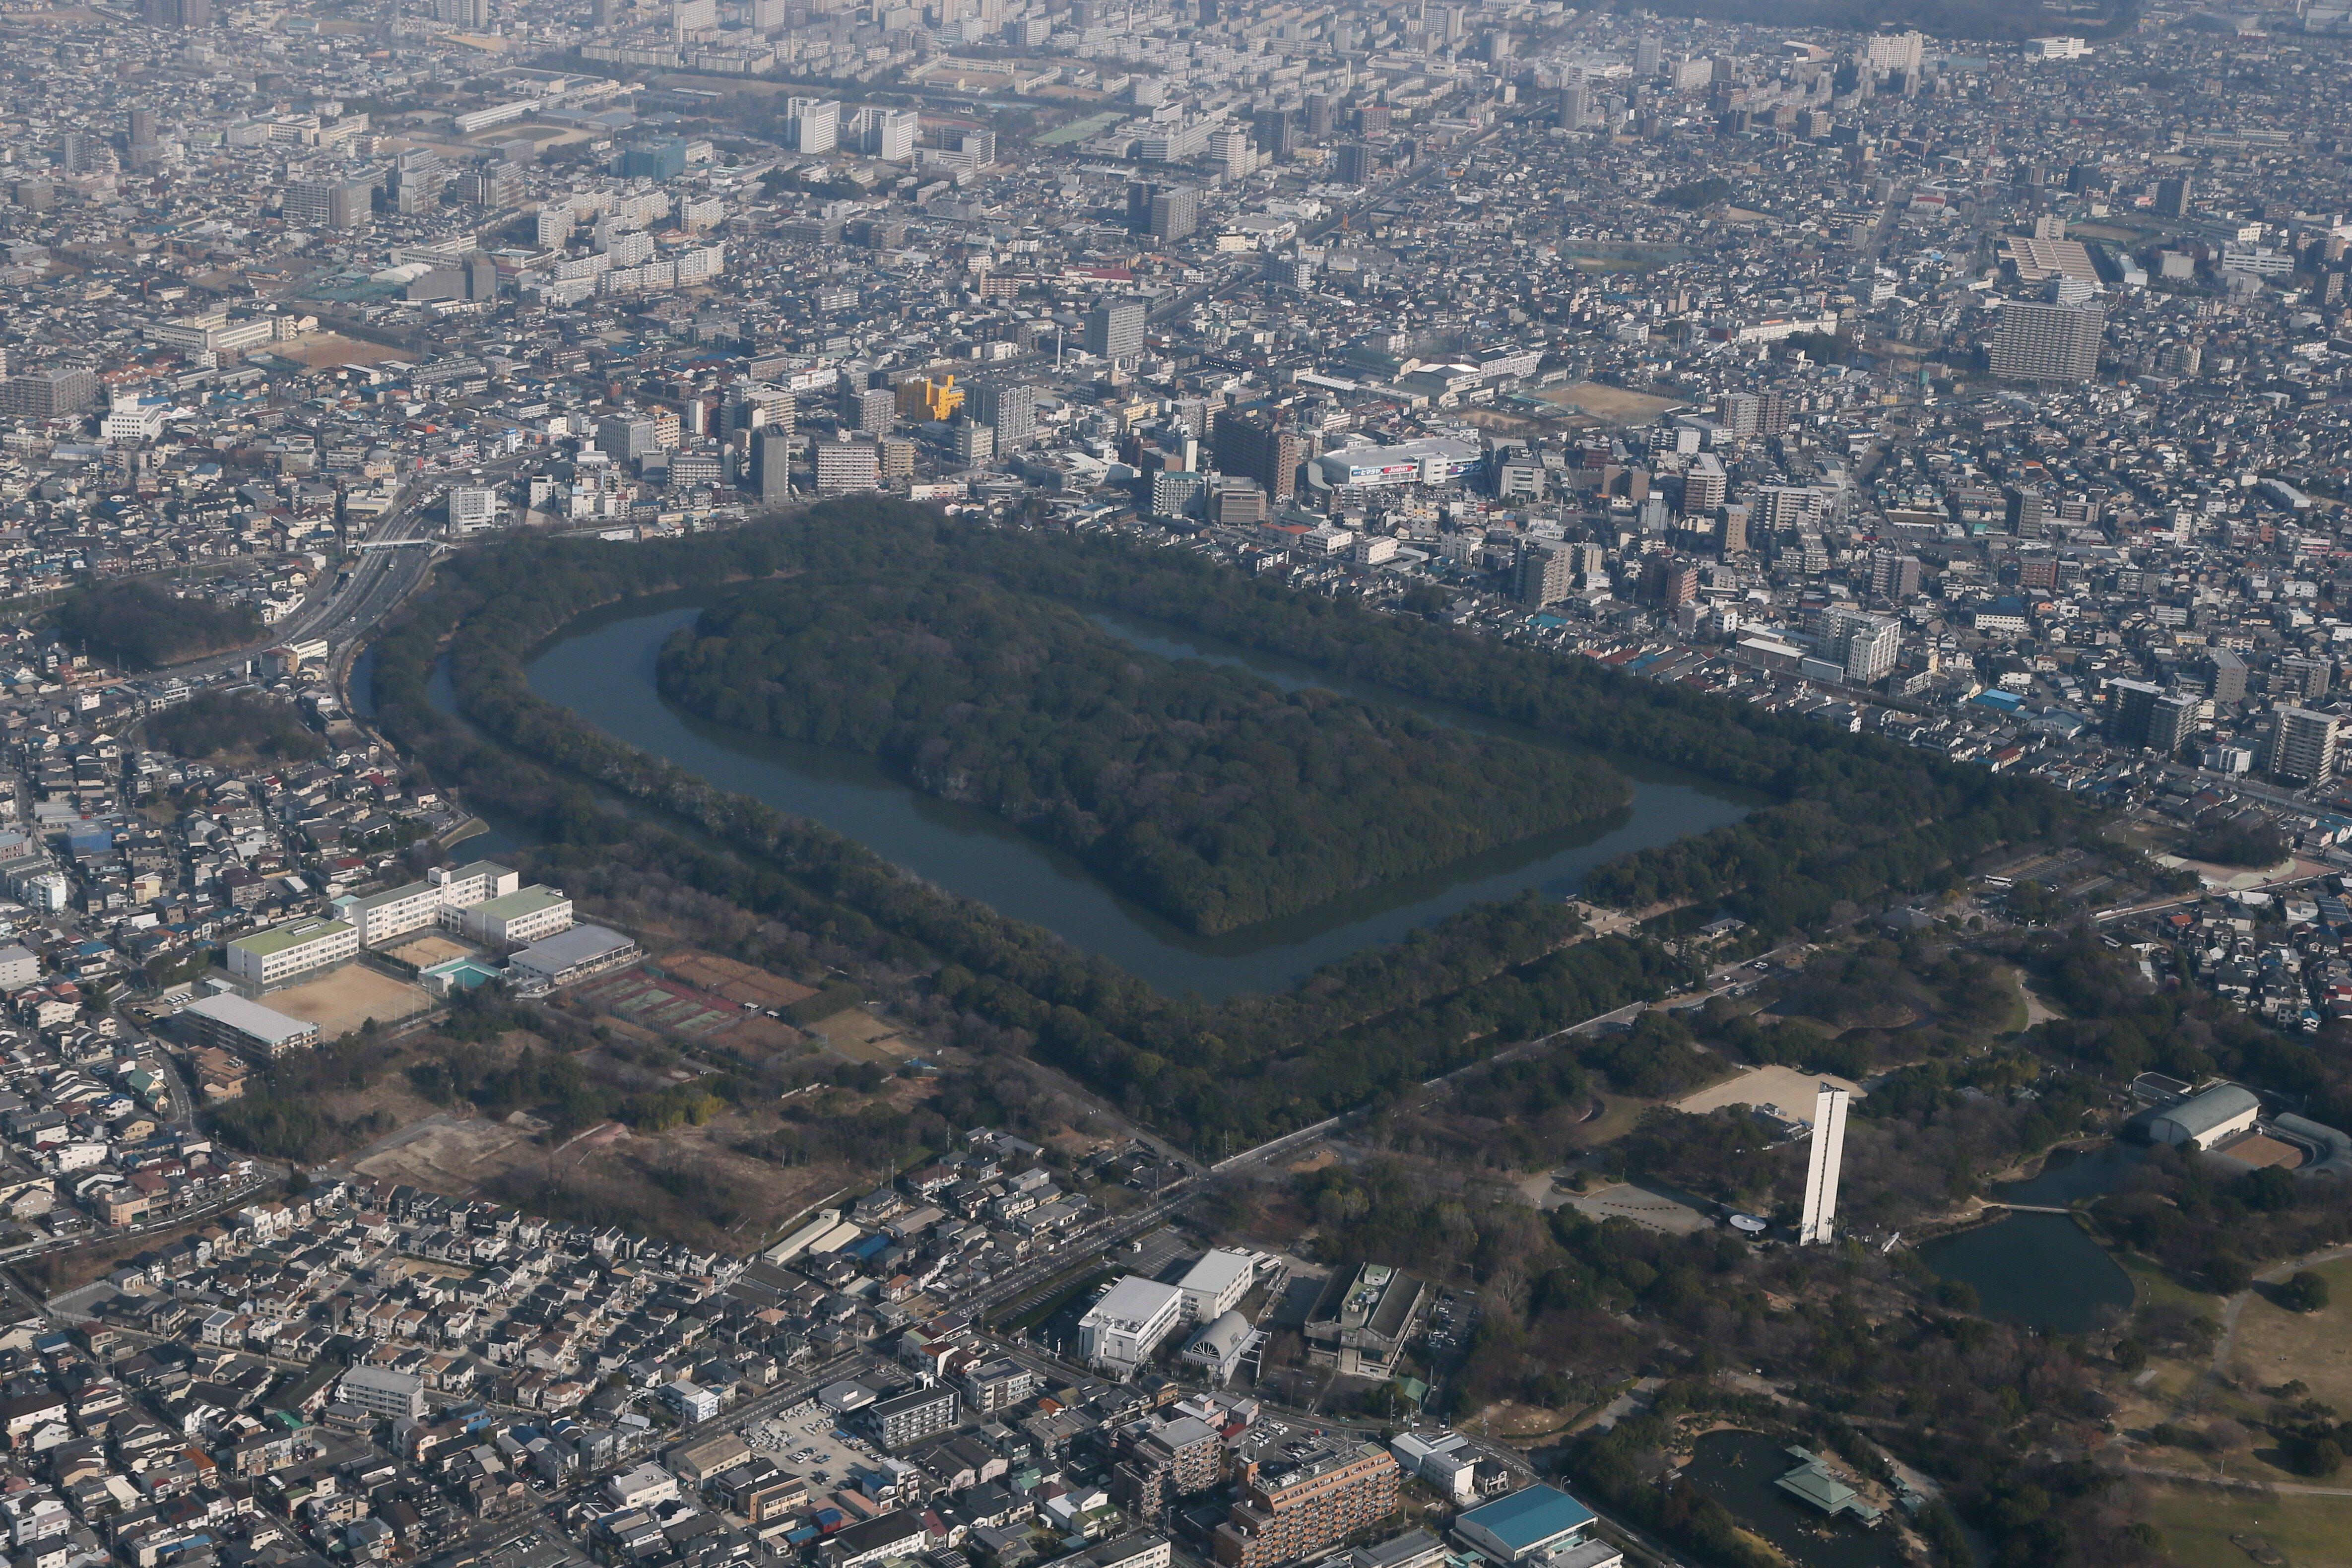 仁徳天皇陵を含む「百舌鳥・古市古墳群」とは 世界遺産登録へ、何が評価された?文化庁に聞いてみた